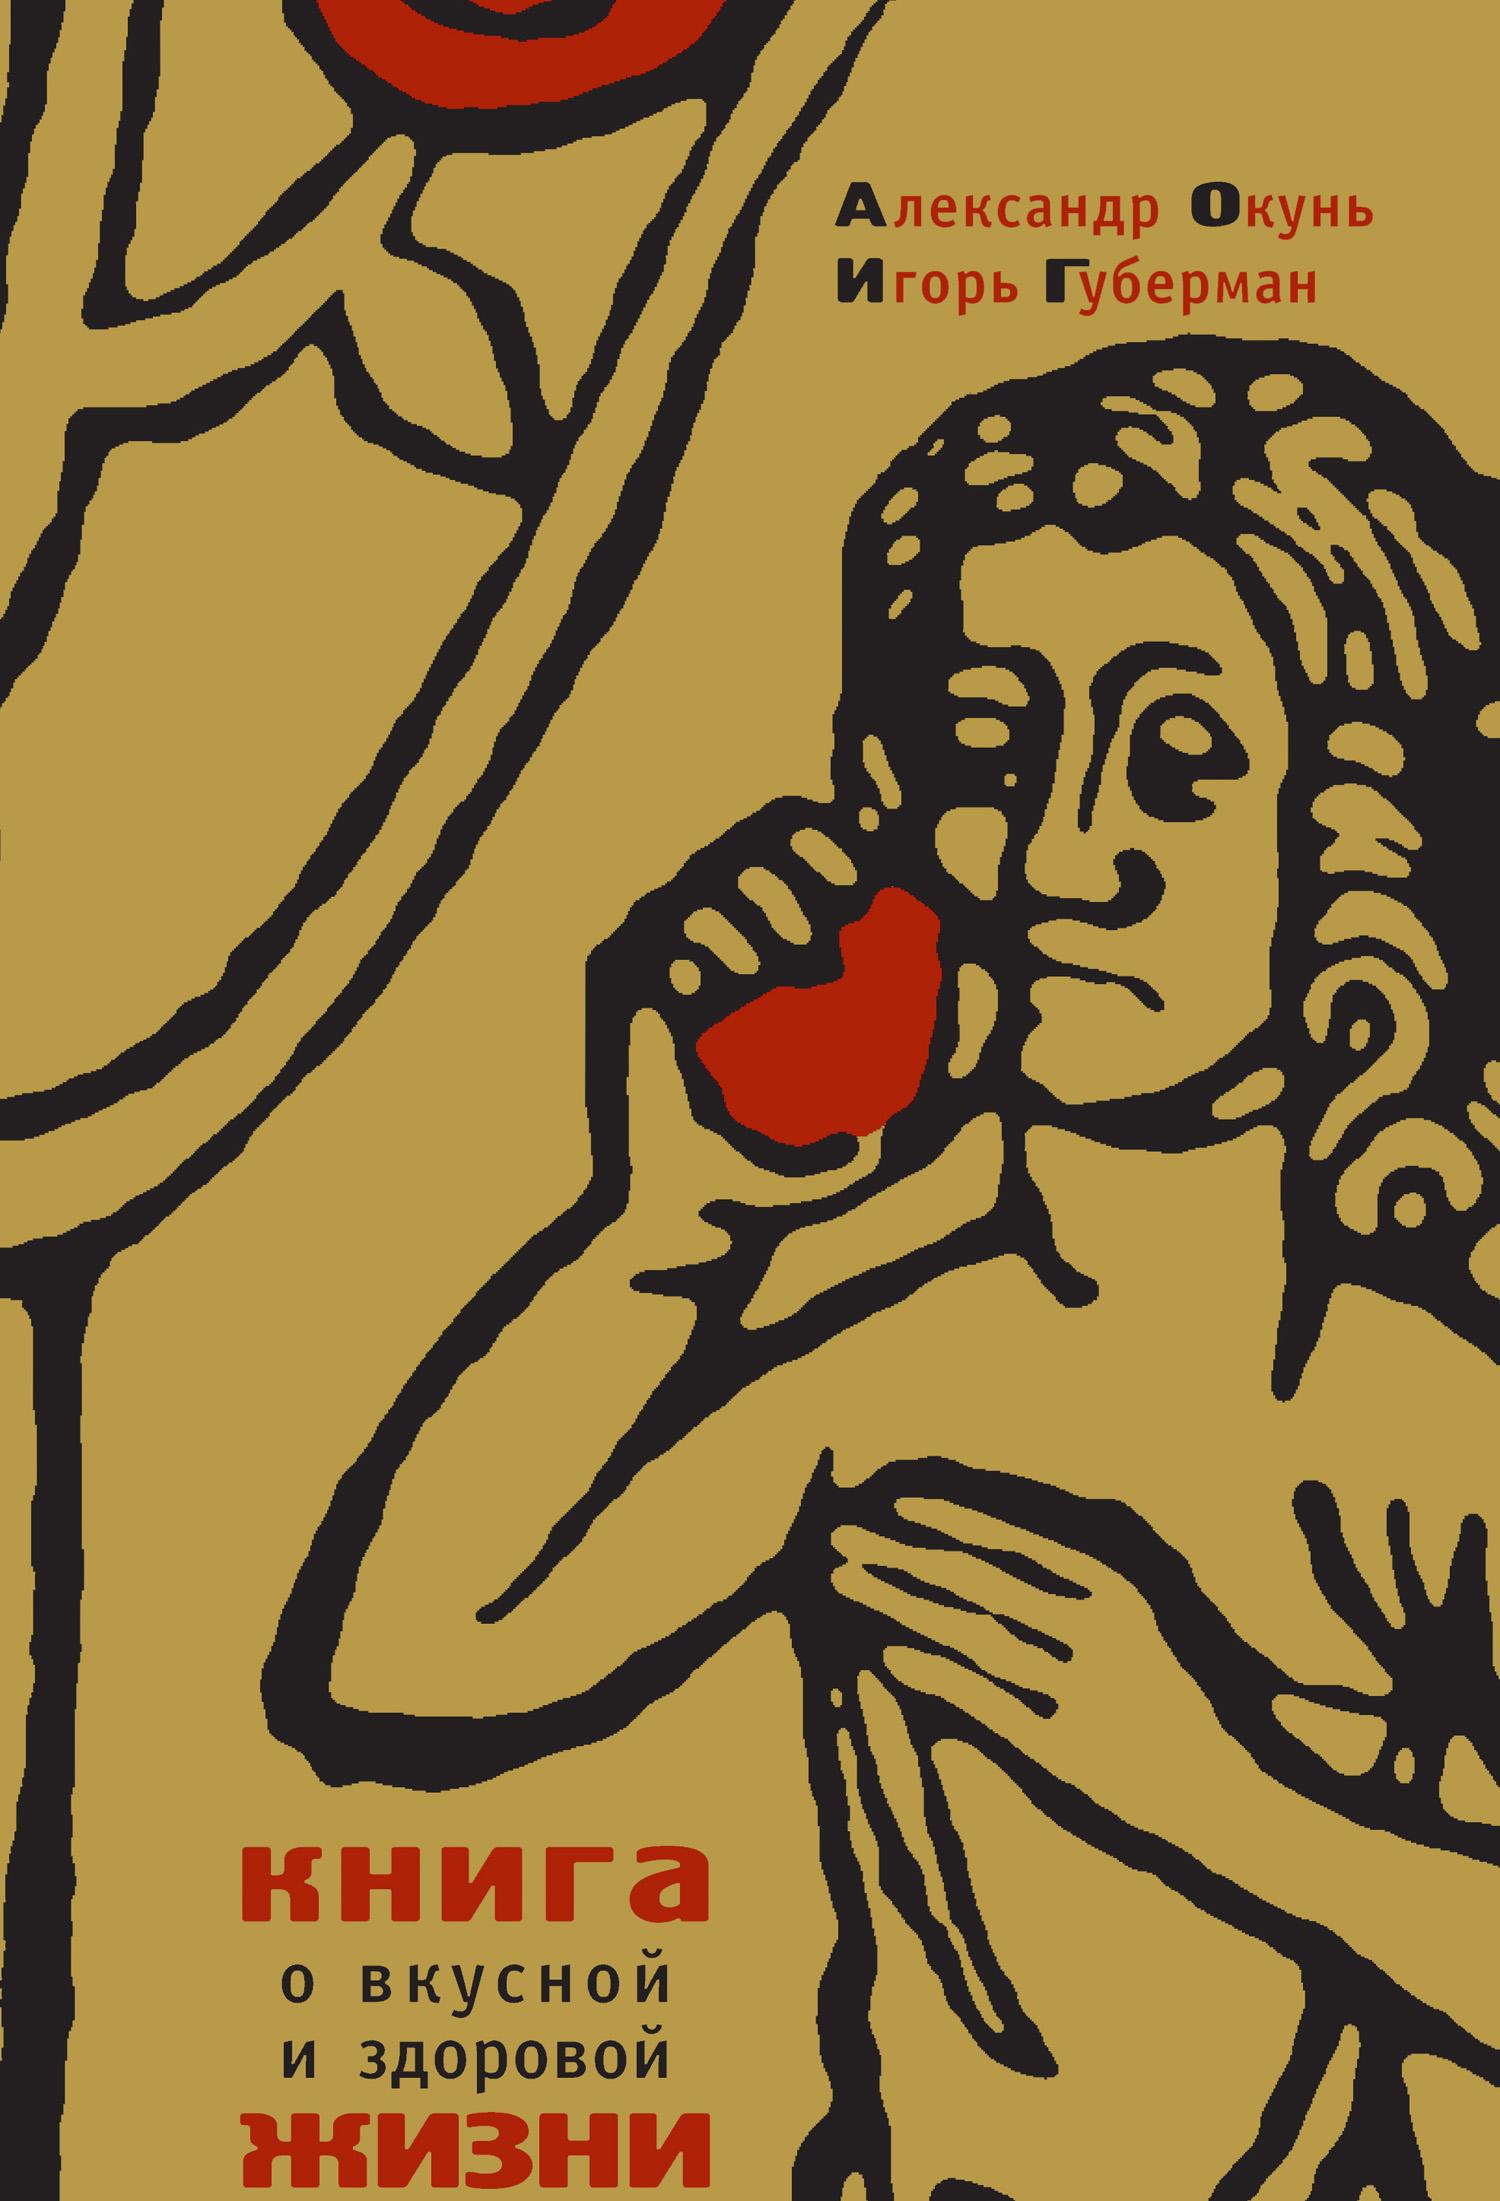 Игорь Губерман Книга о вкусной и здоровой жизни ковальков а худеем интересно рецепты вкусной и здоровой жизни